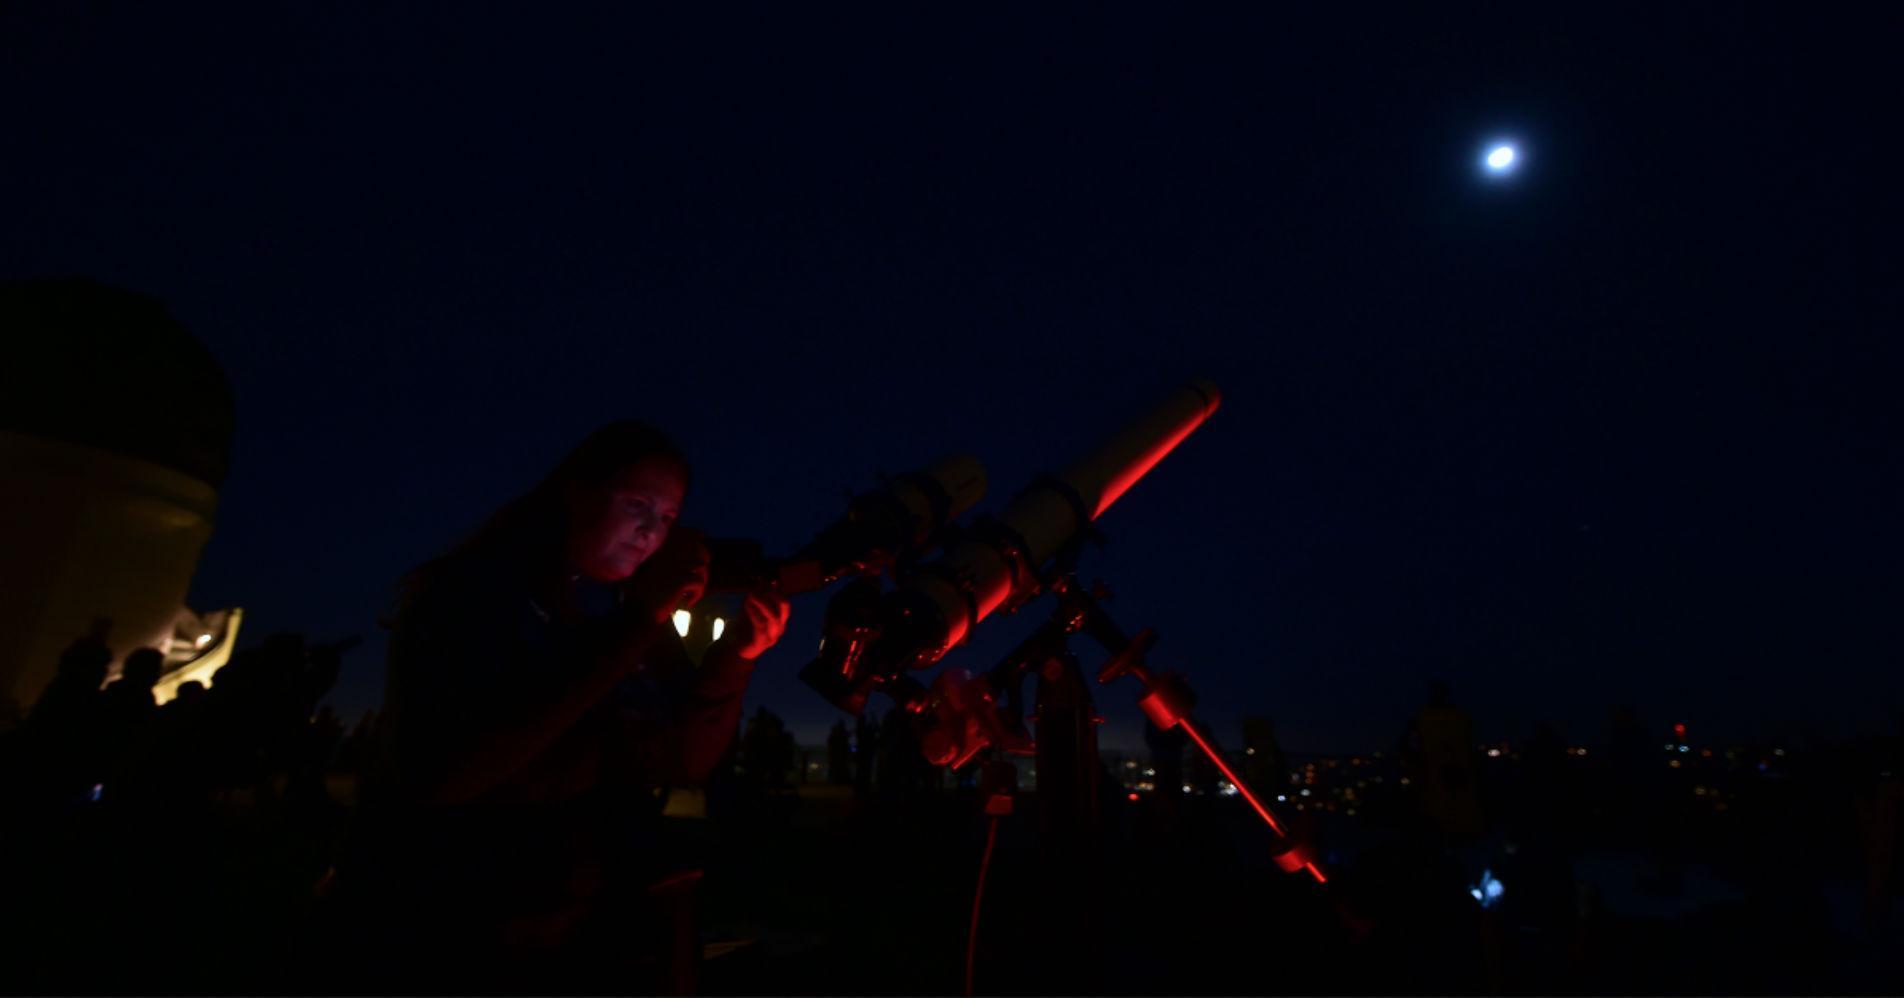 lunar-eclipse-july-2018-1532652505237-1532652507167.jpg